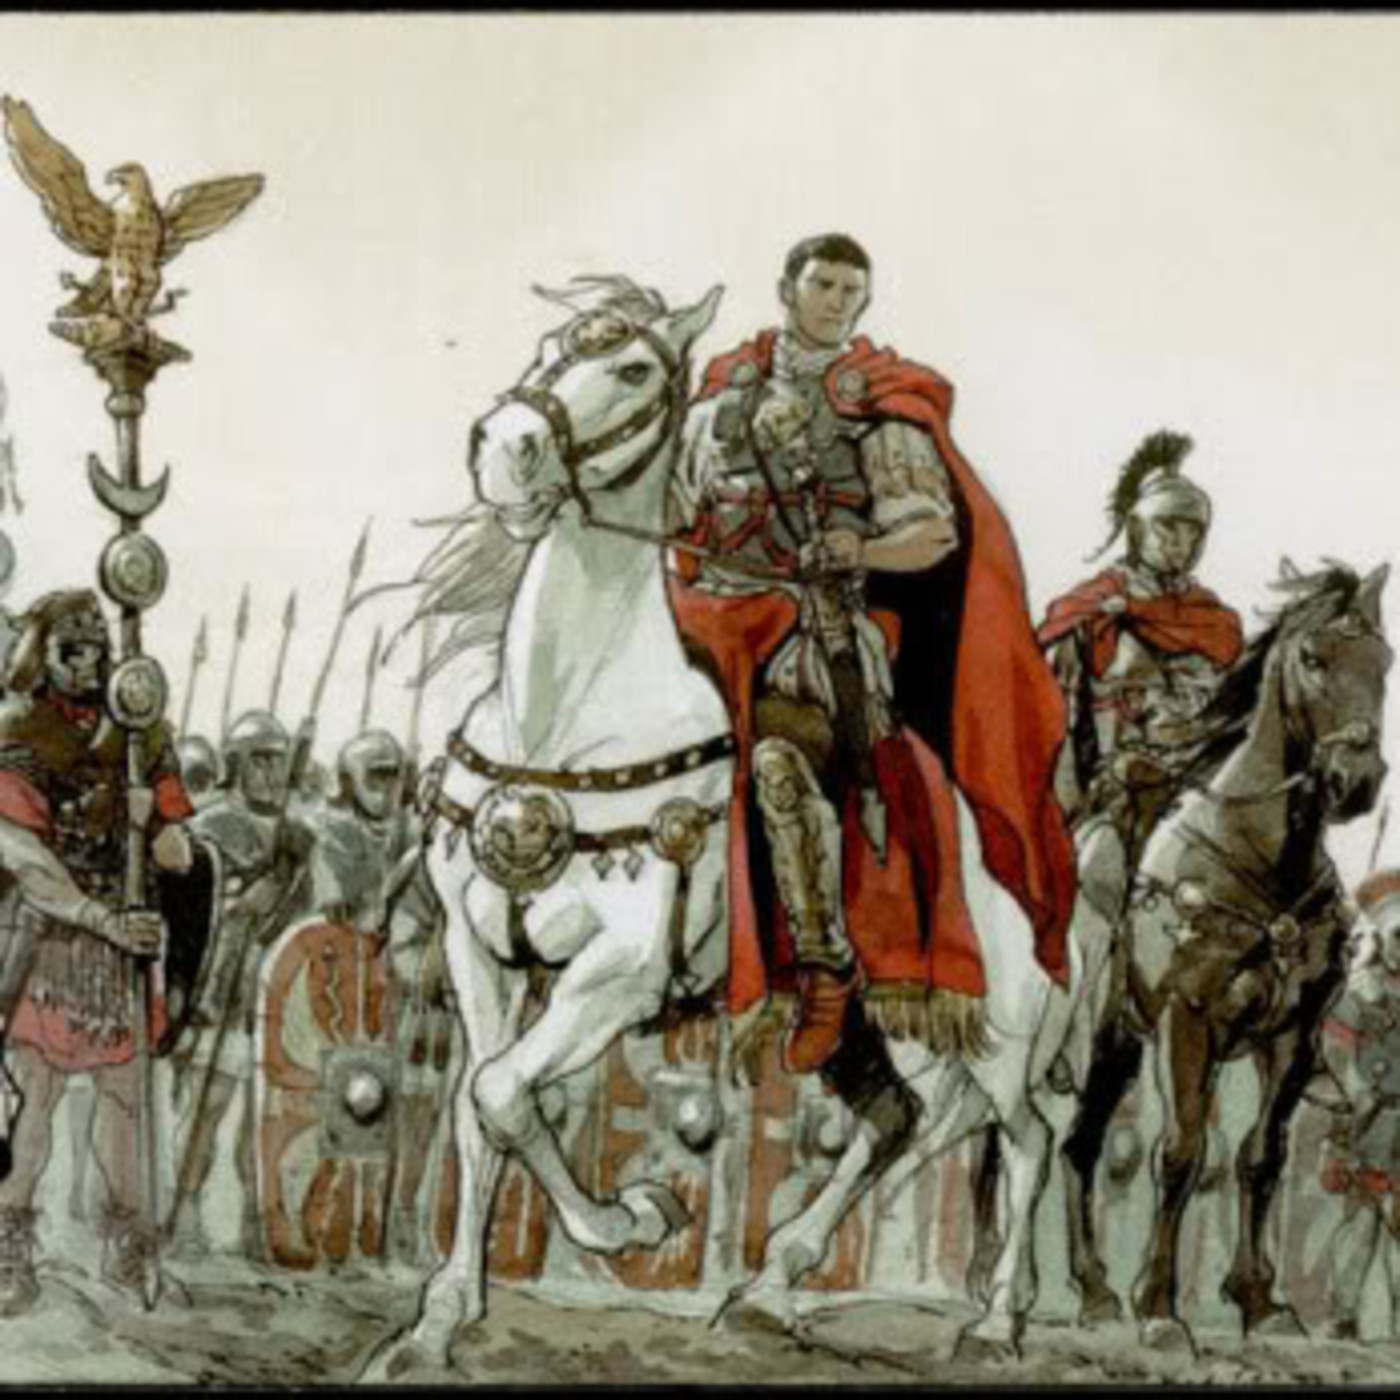 Antes de medianoche 2/31: Legiones romanas: una máquina militar perfectamente engrasada;Inmortalidad: anhelo inalcanzado